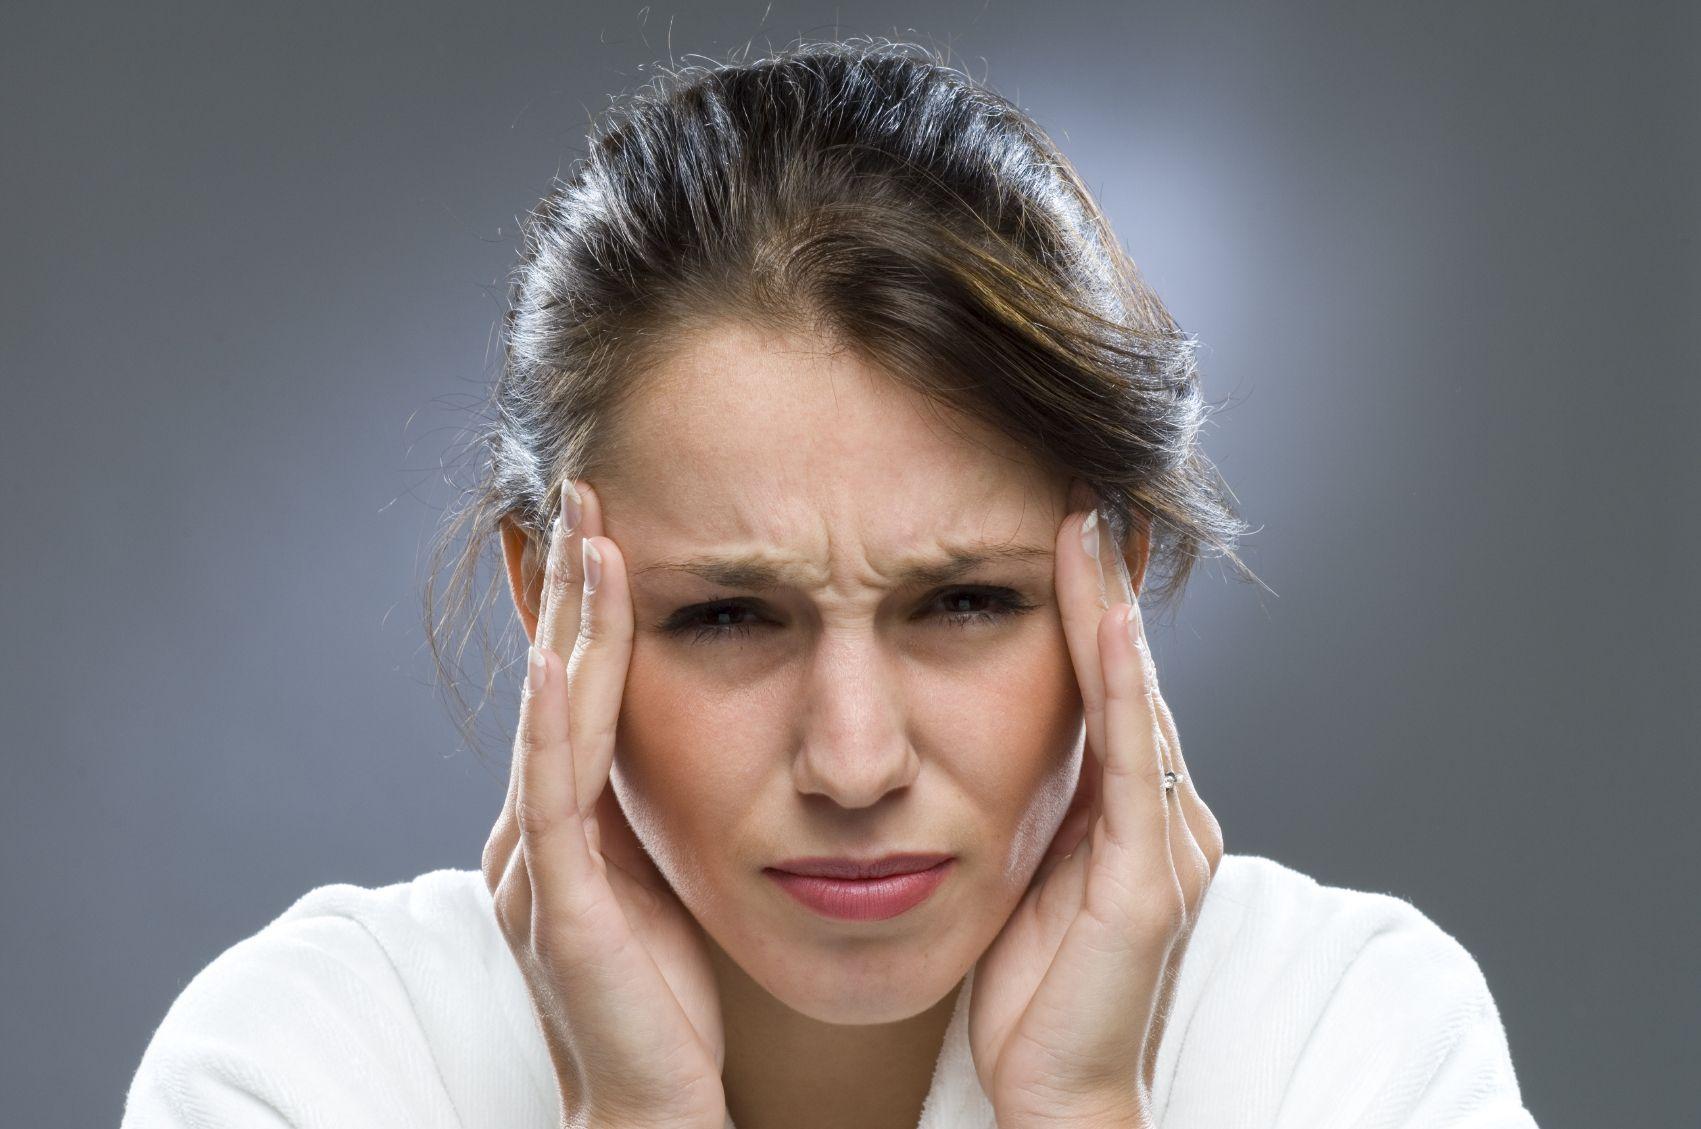 Πώς θα απαλλαγώ από τις κεφαλαλγίες; thumbnail